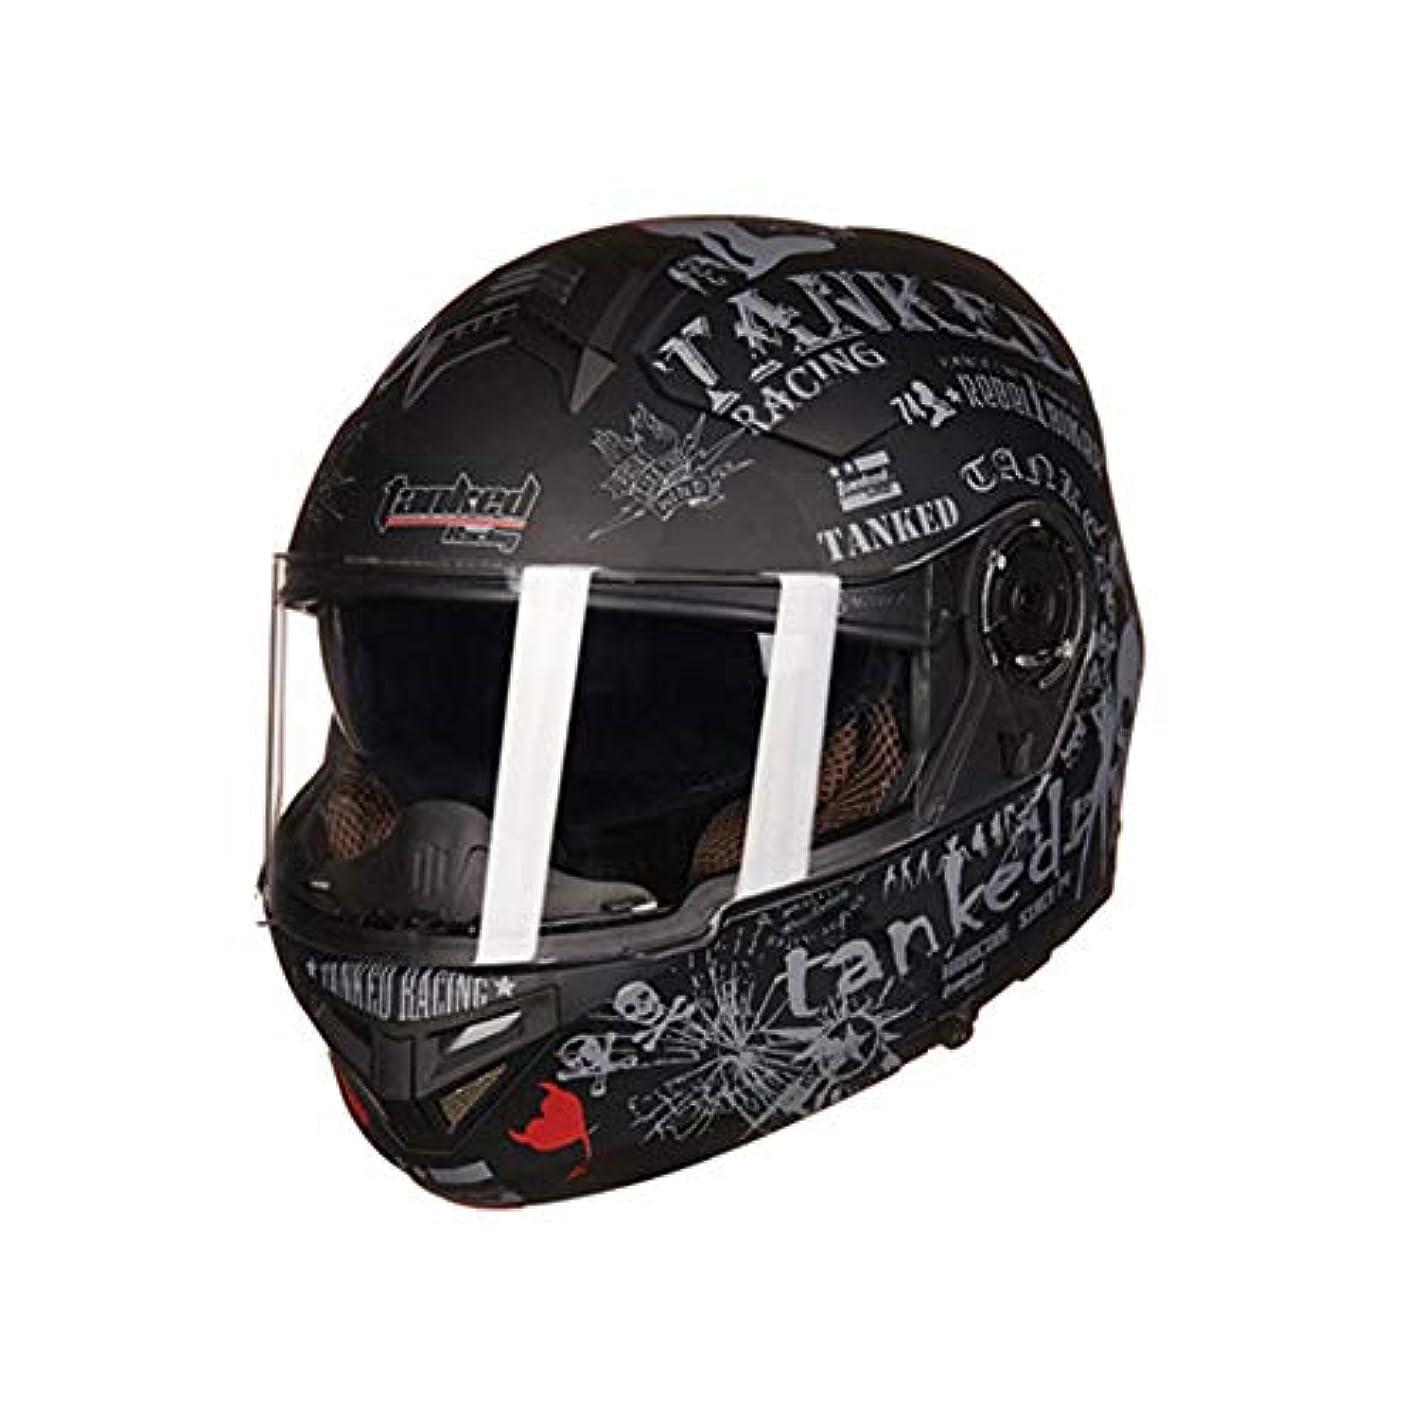 残忍なアンカーカリキュラムETH オートバイヘルメットメンズダブルレンズフルカバーオープンフェイスヘルメット電動オートバイヘルメット - 黒と白 - 文字 保護 (Size : XXL)